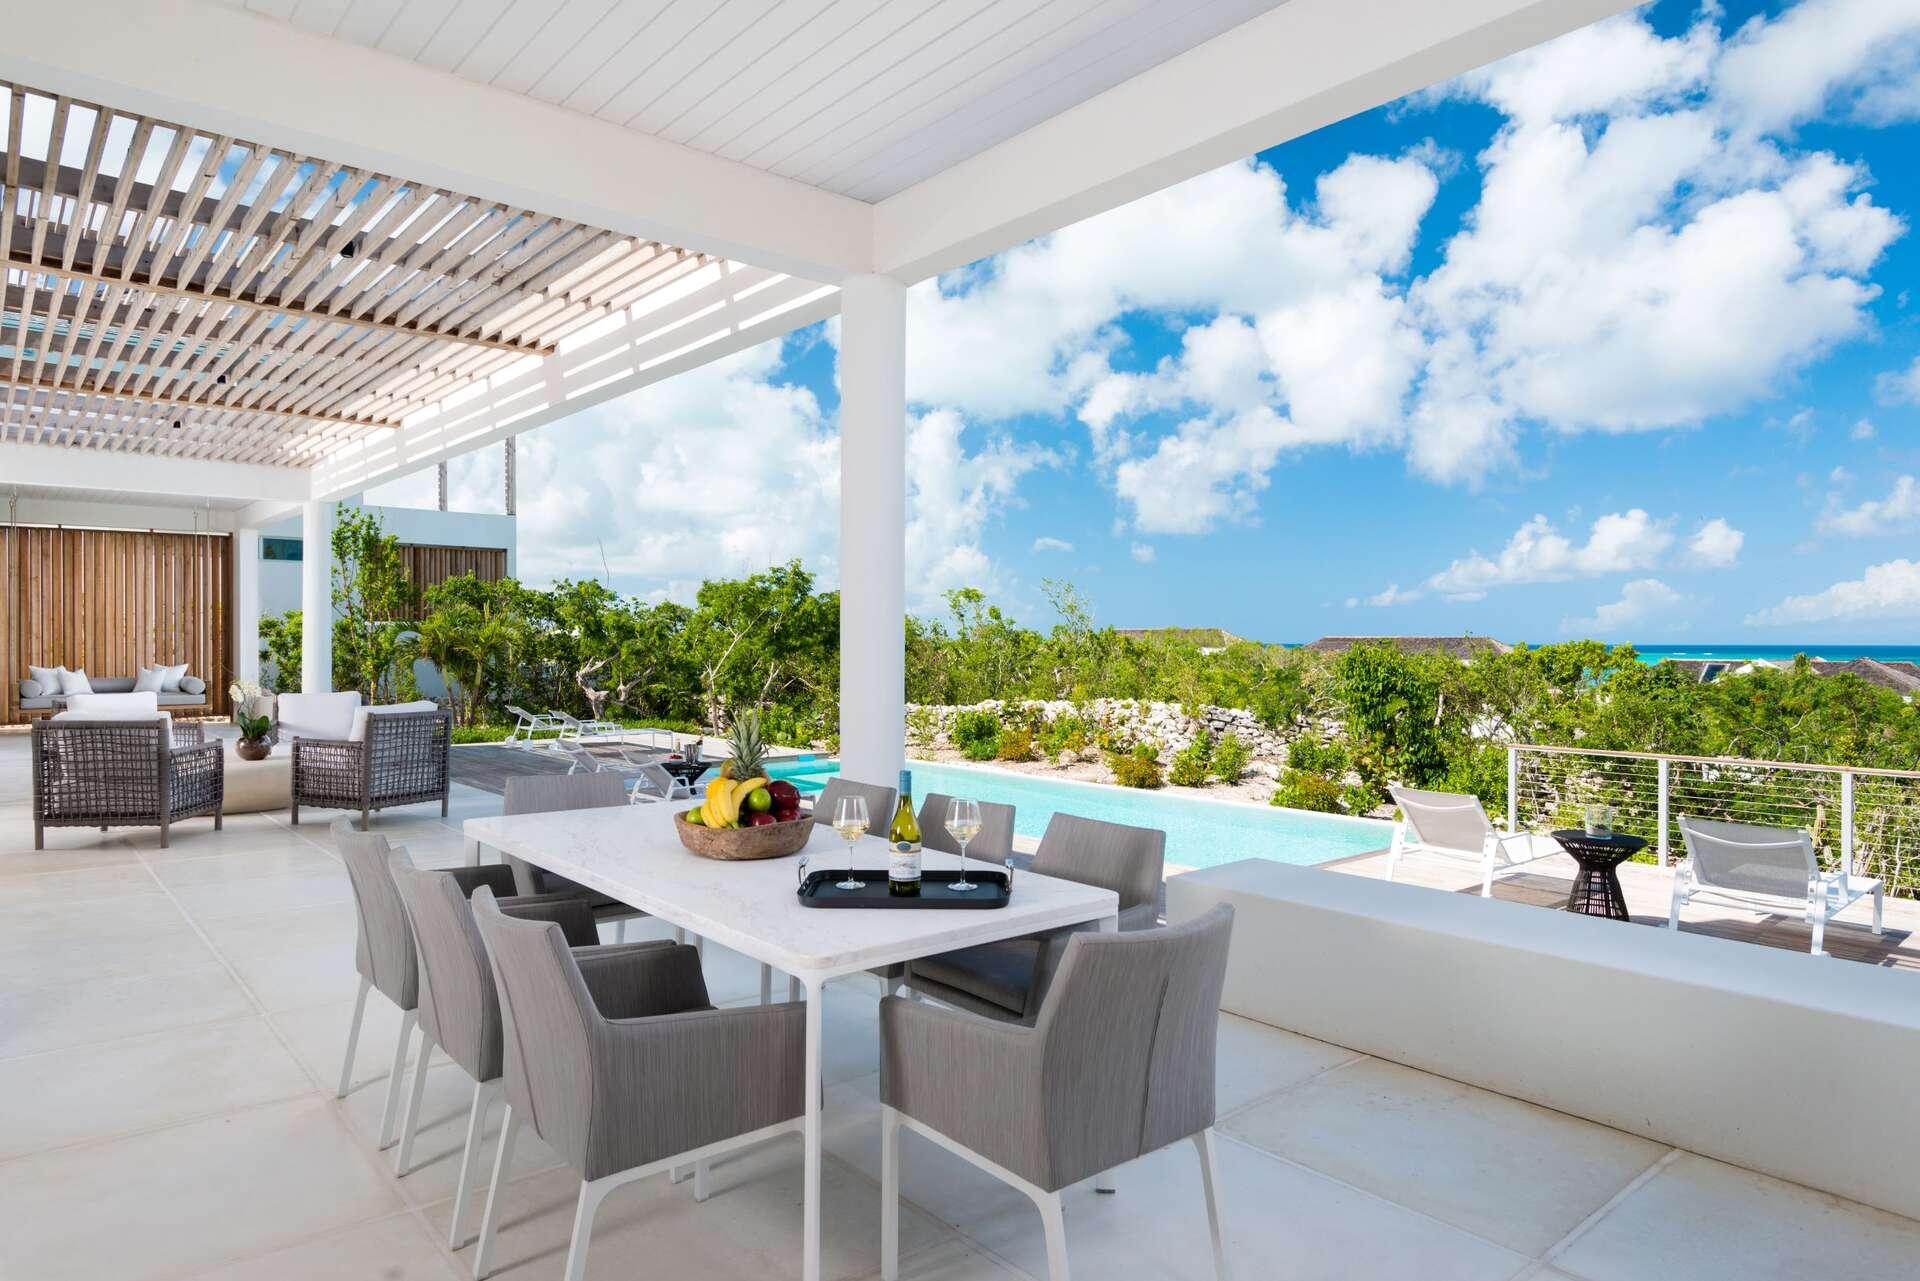 Luxury villa rentals caribbean - Turks and caicos - Providenciales - Beach enclave north shore - Ocean View Villa | 5 Bedroom - Image 1/20